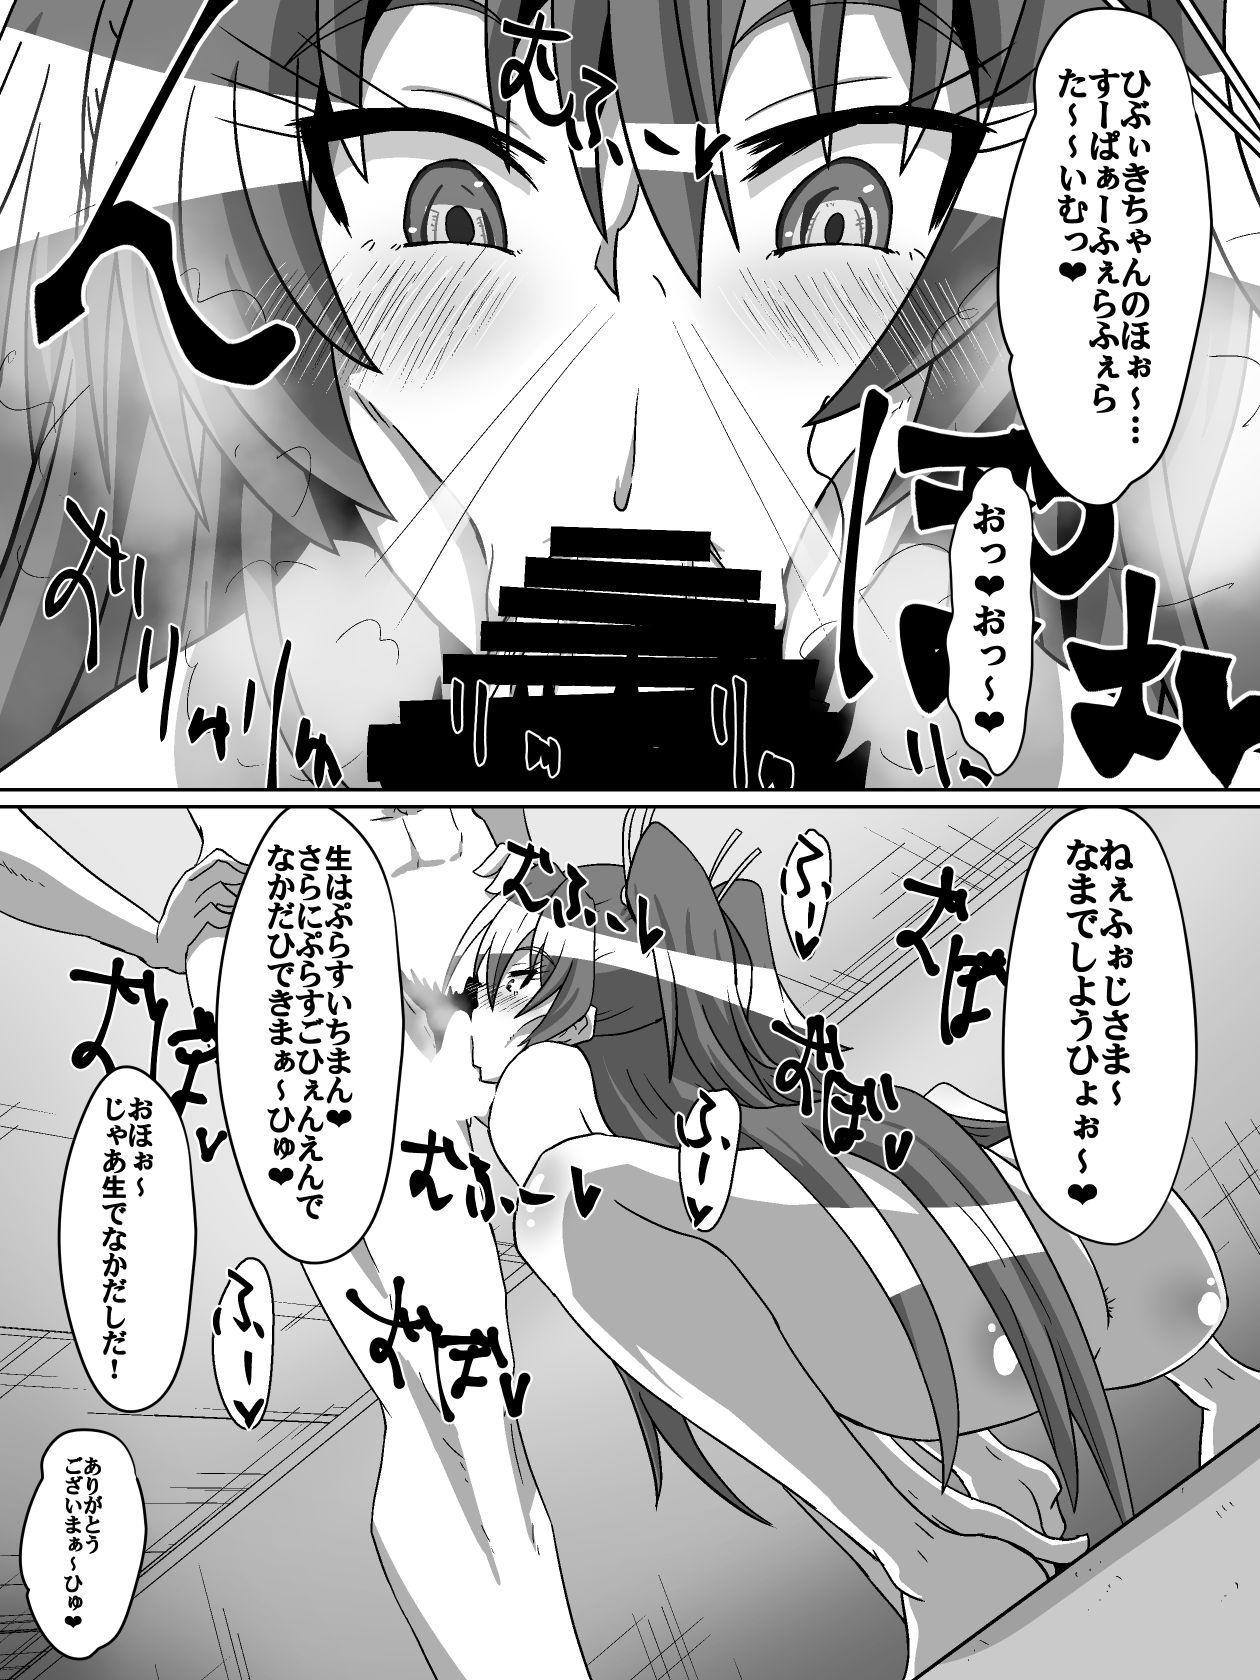 Net ni Hisomu Kikensei 1 11